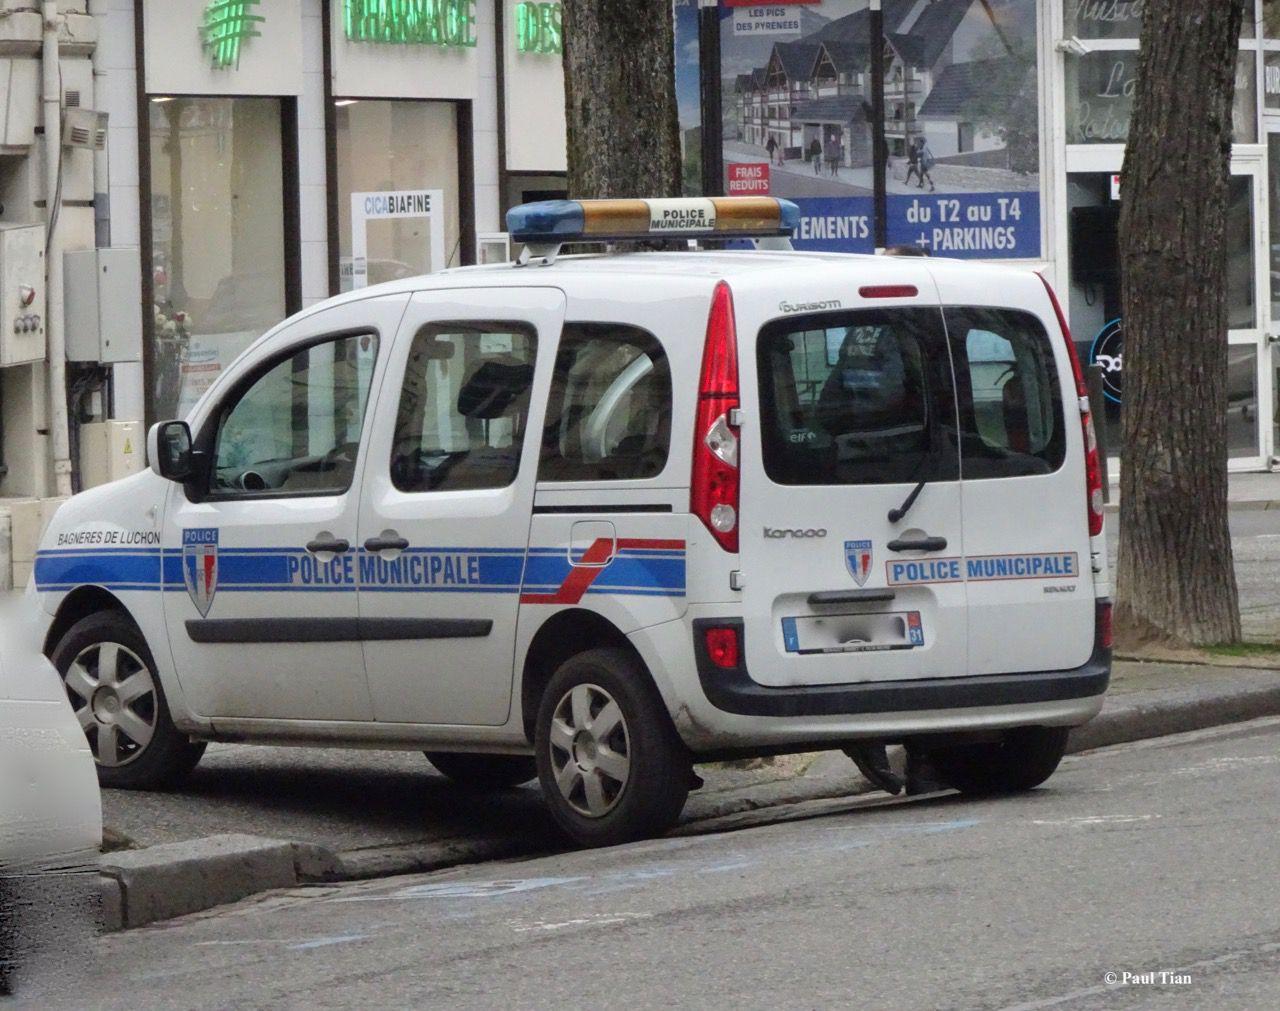 Covid-19 : les policiers municipaux habilités à verbaliser le non-respect de confinement